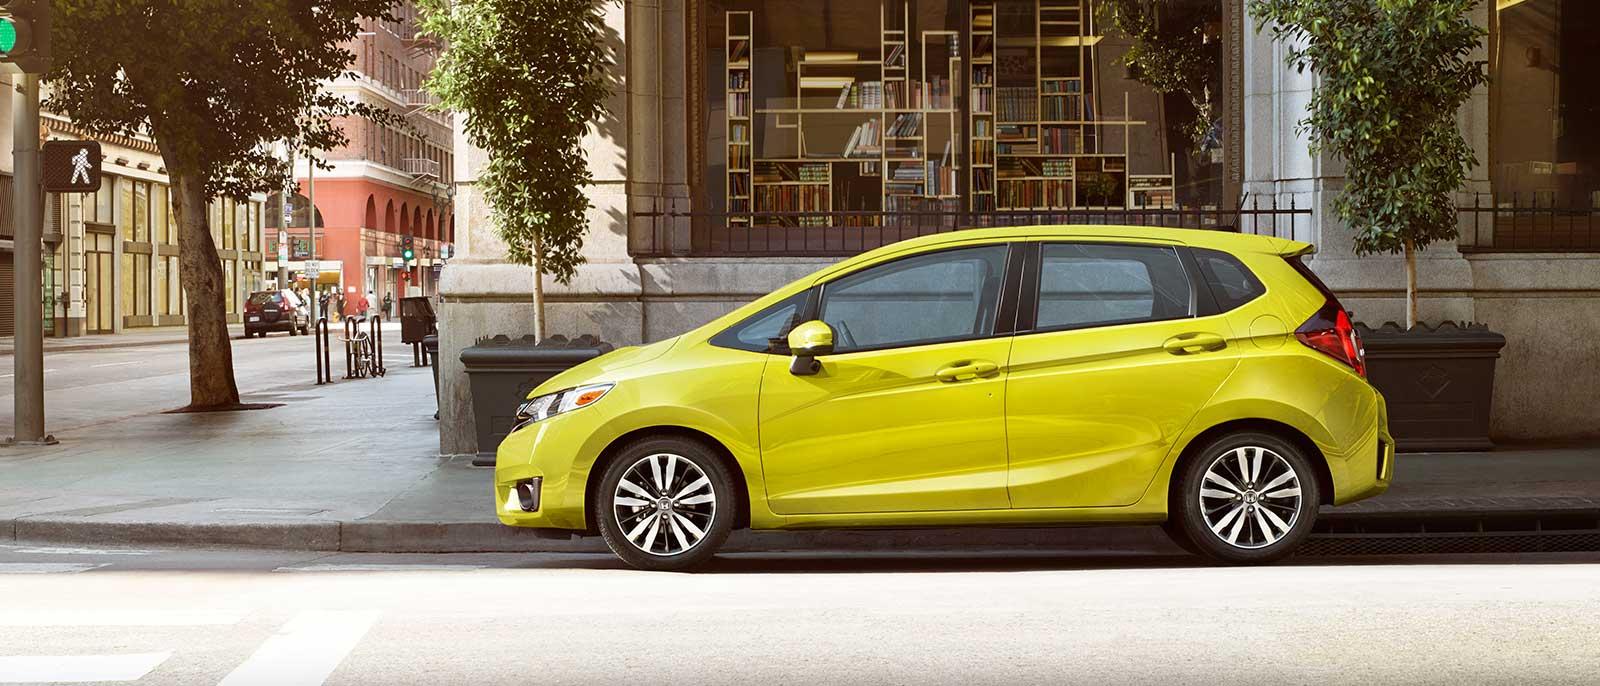 2017 Honda Fit profile in yellow